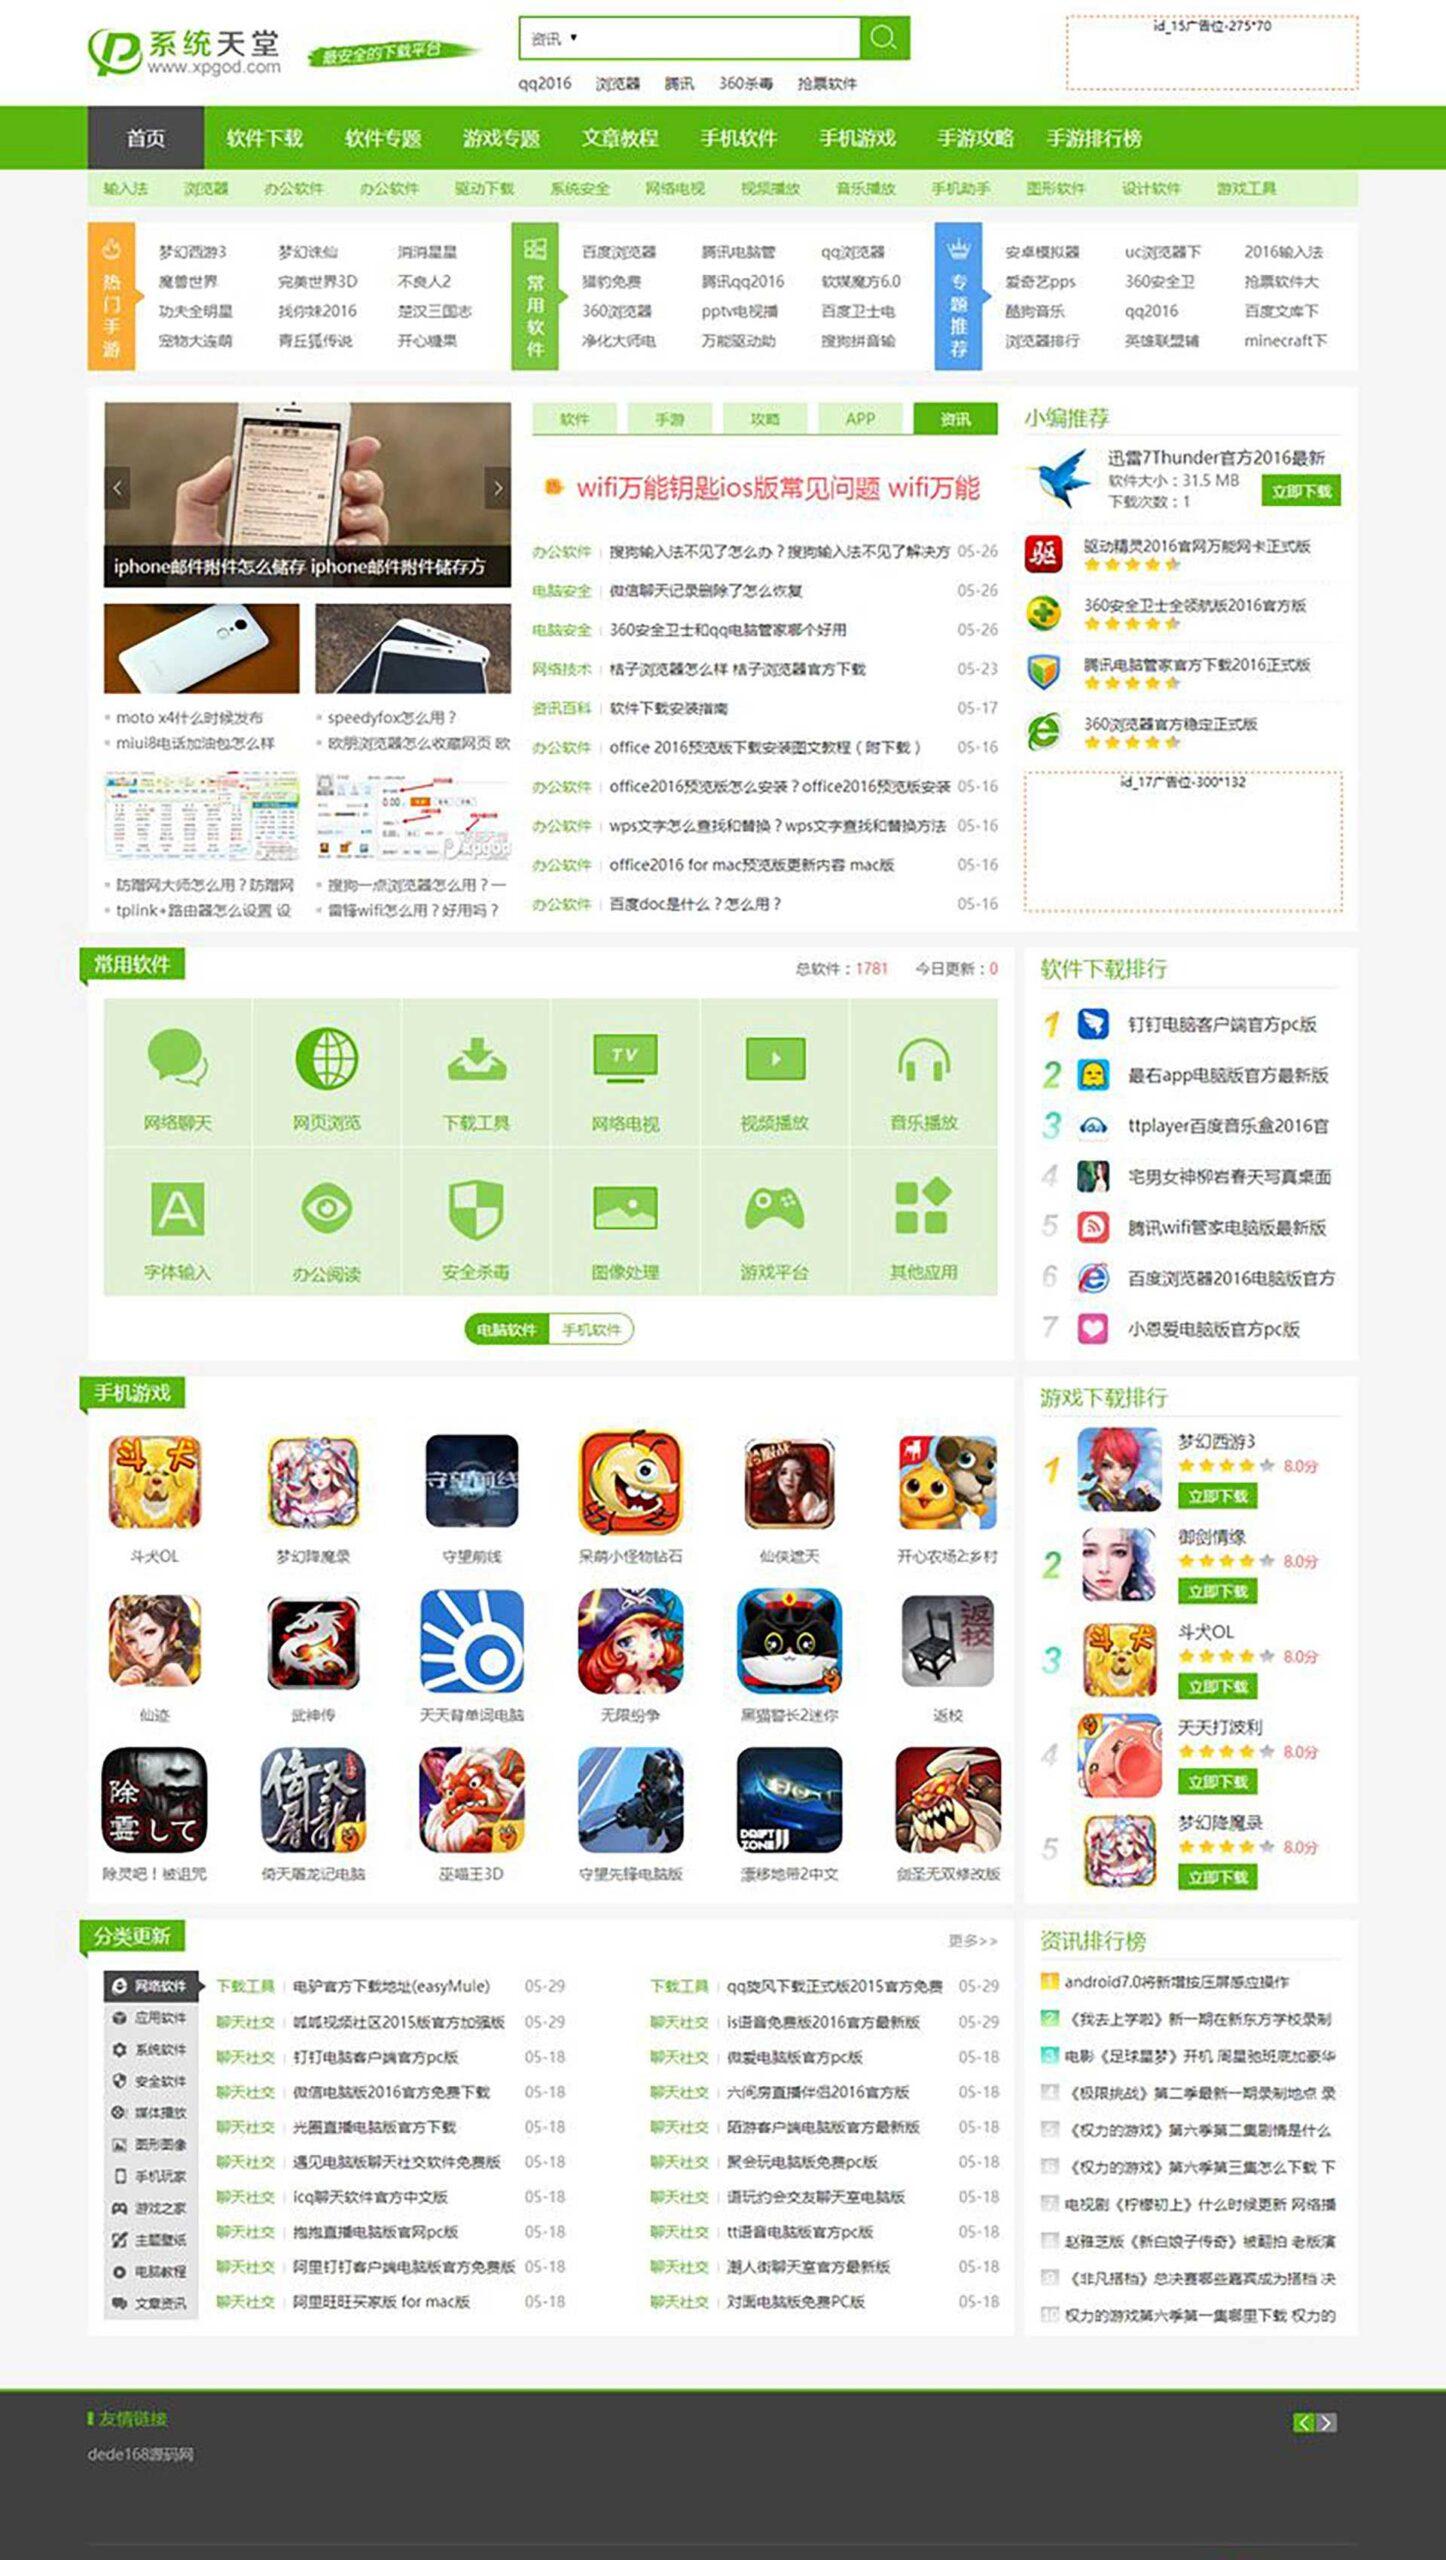 鹤云资源博客-【软件下载站】帝国CMS7.2系统仿系统天堂网站模板带有火车采集+手机版插图